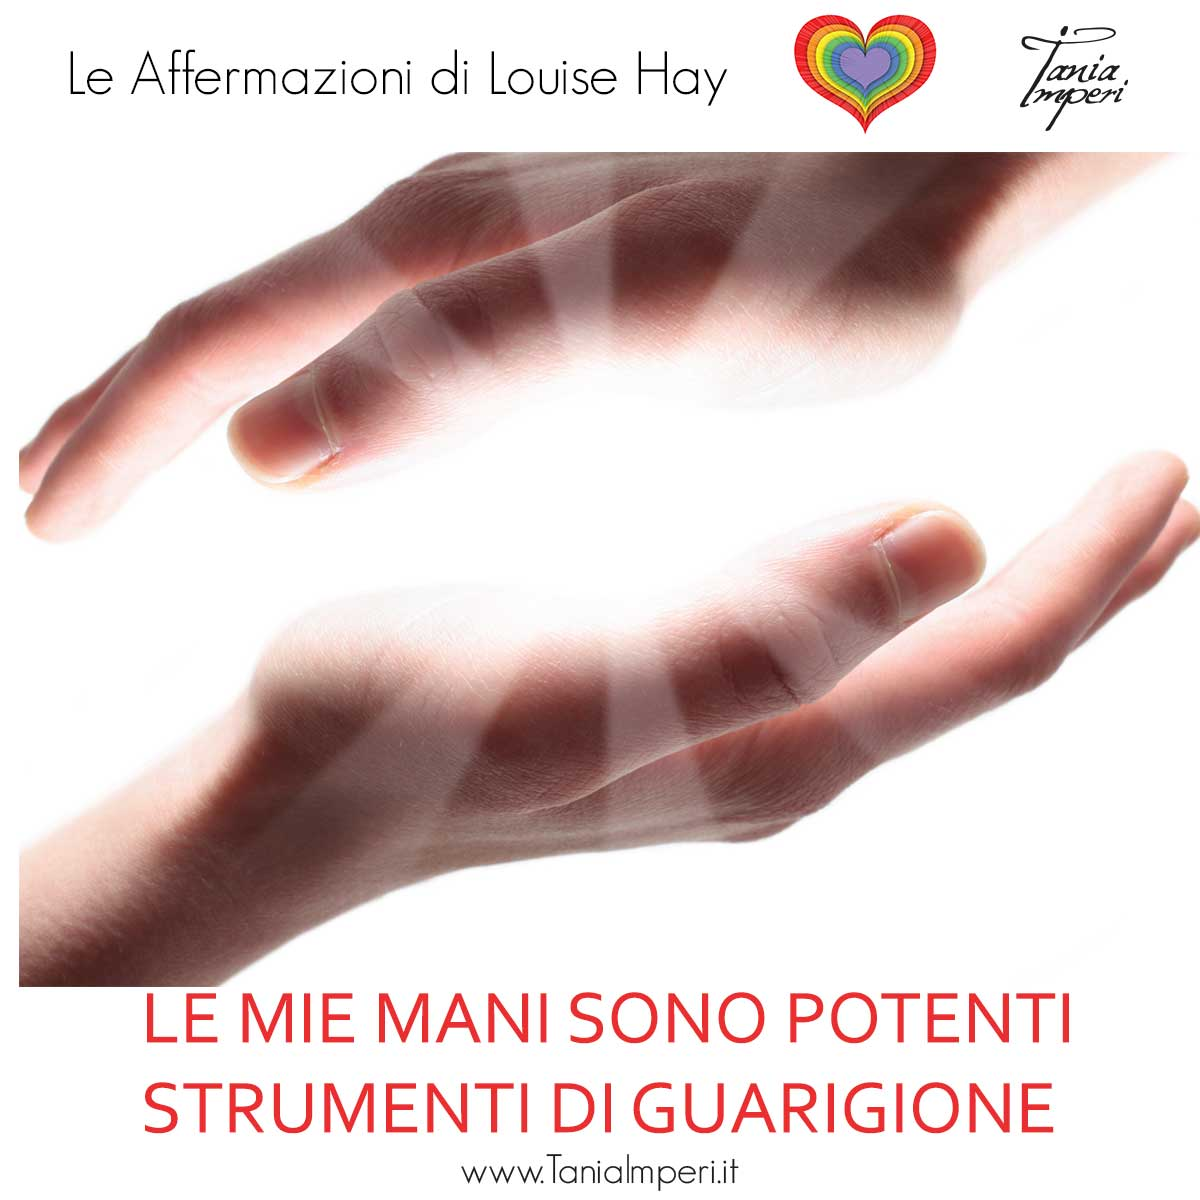 AFFERMAZIONI_LOUISE_HAY_TANIA_IMPERI_28_LE_MIE_MANI_SONO-POTENTI-STRUMENTI-DI-GUARIGIONE-10LUG2017